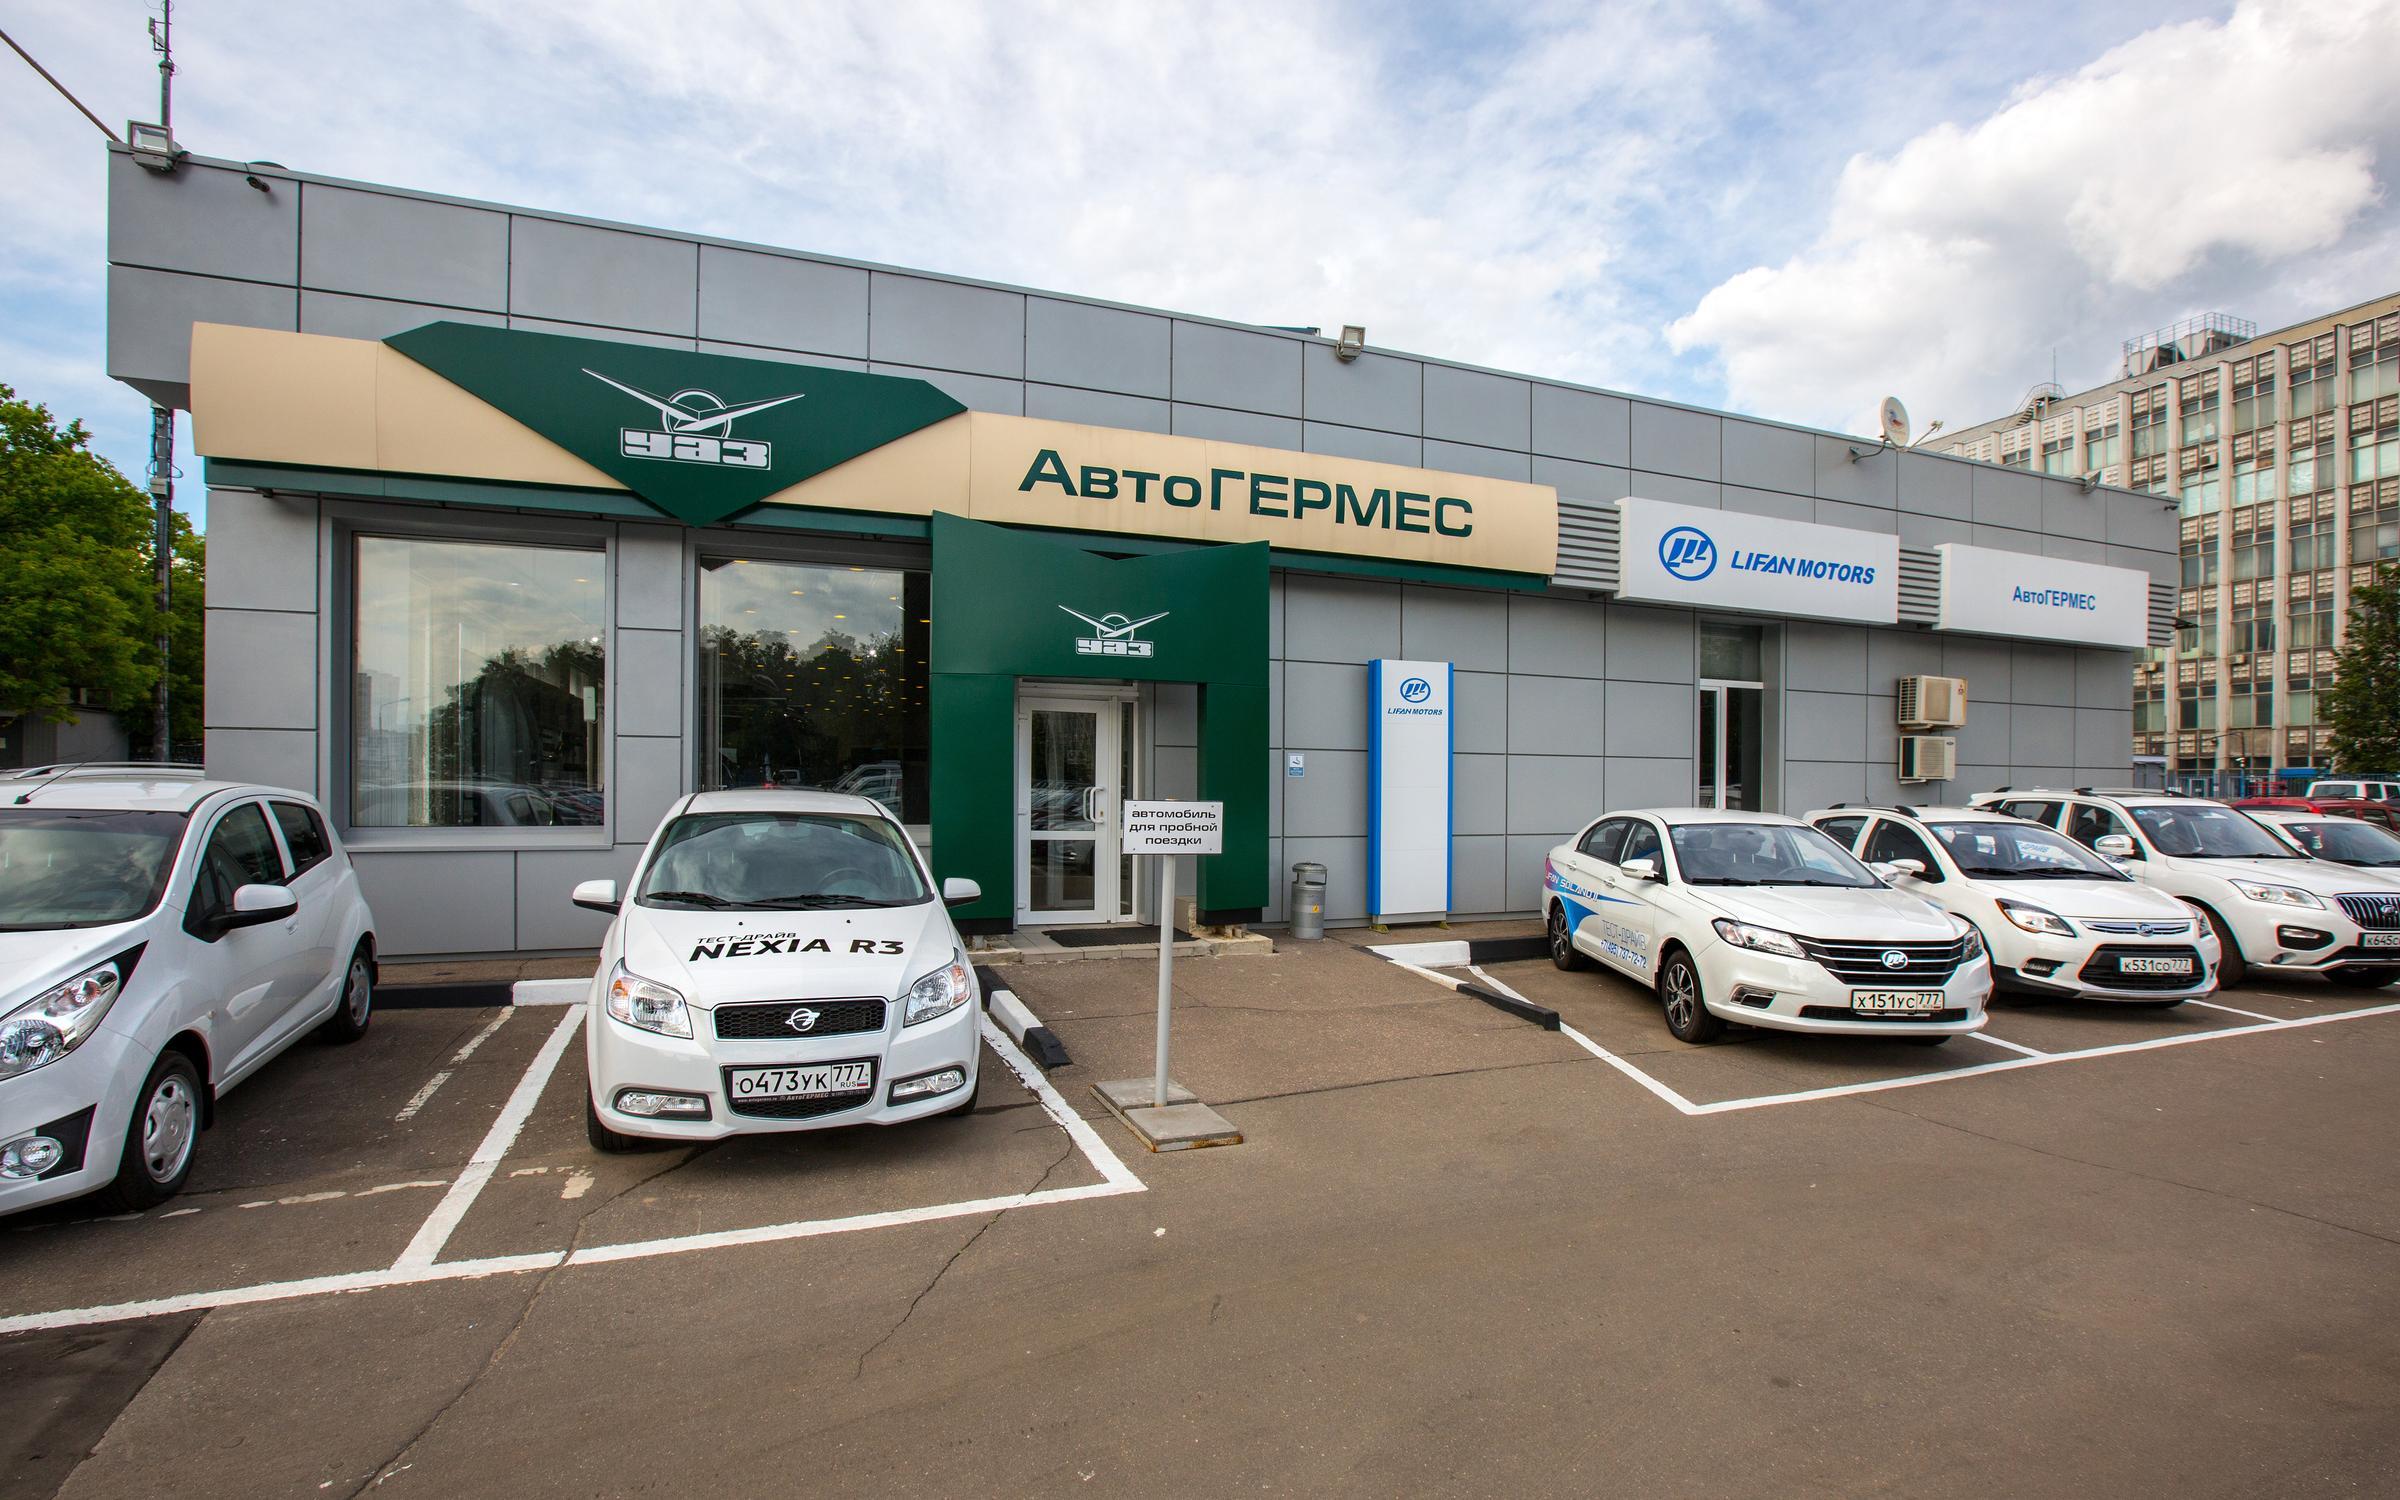 Автосалон автогермес москва отзывы покупателей деньги в долг под расписку в москве у частного лица без залога и предоплаты